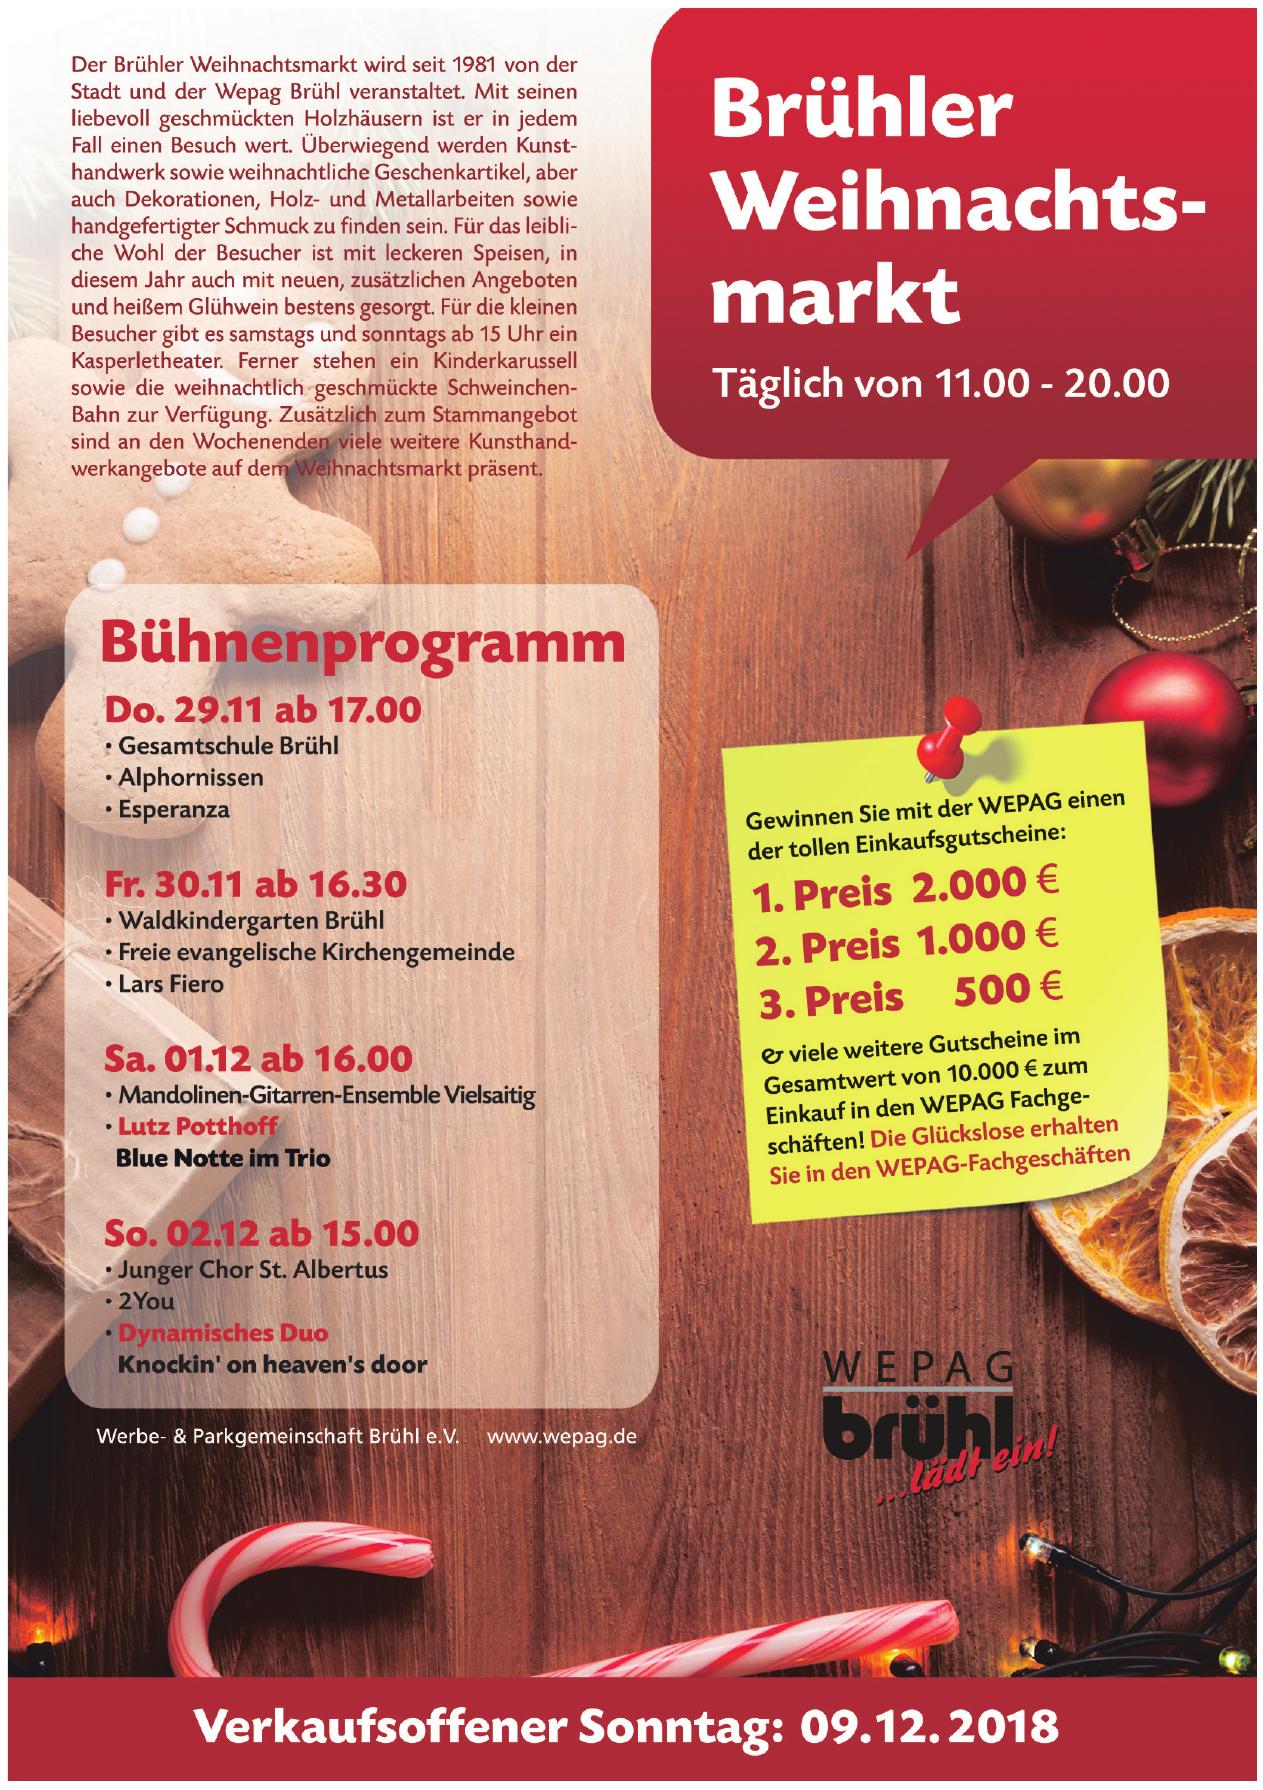 Wepag Brühl